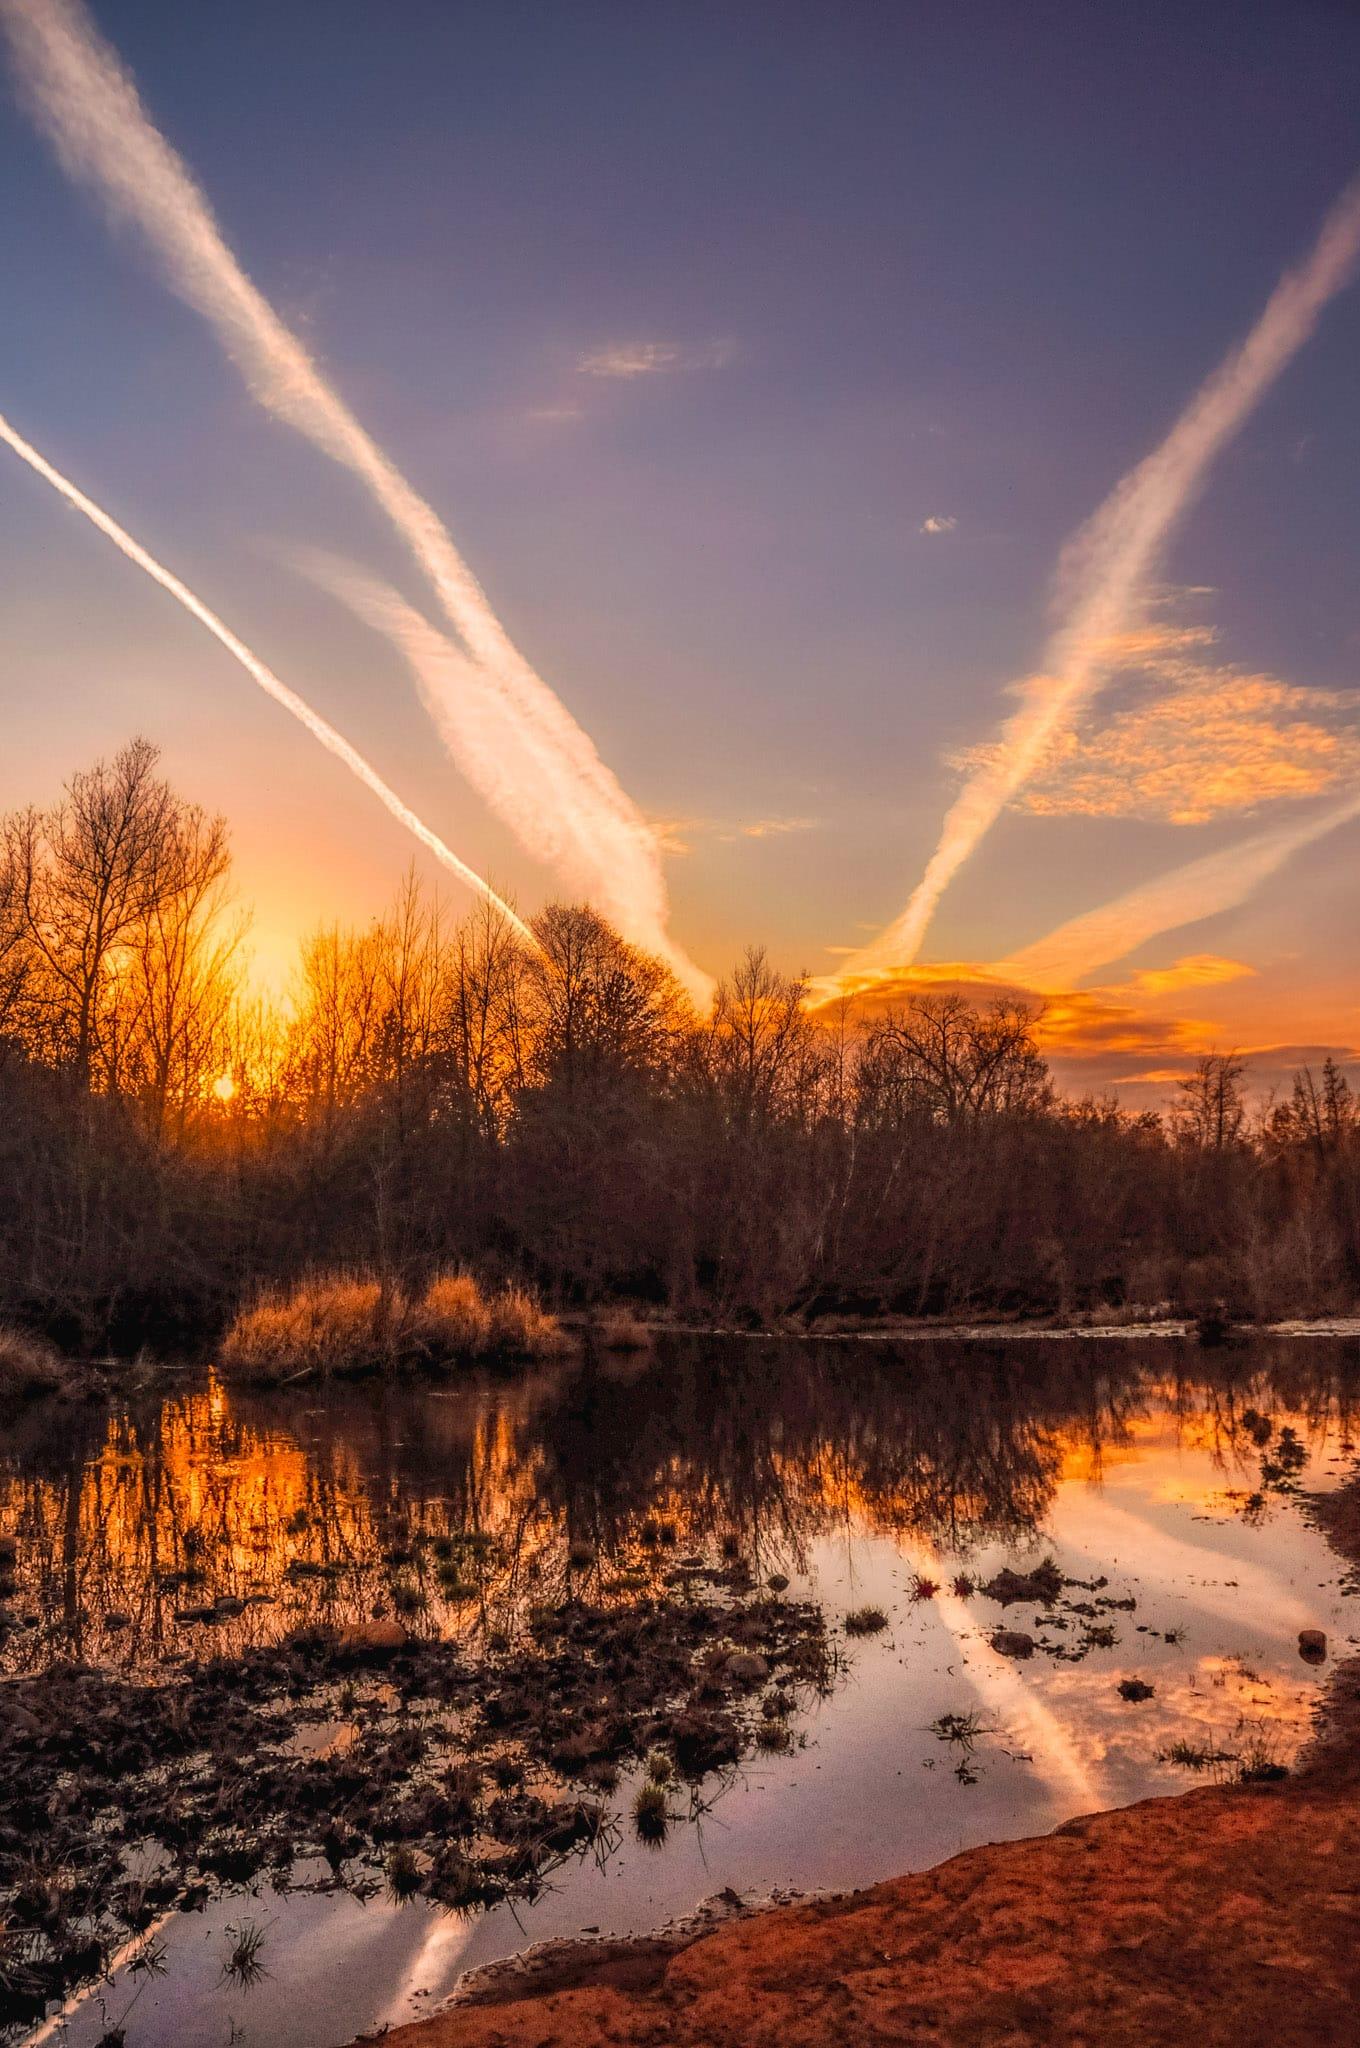 Contrails in sunset sky, reflected in Oak Creek near Red Rock Crossing in Sedona, Arizona.